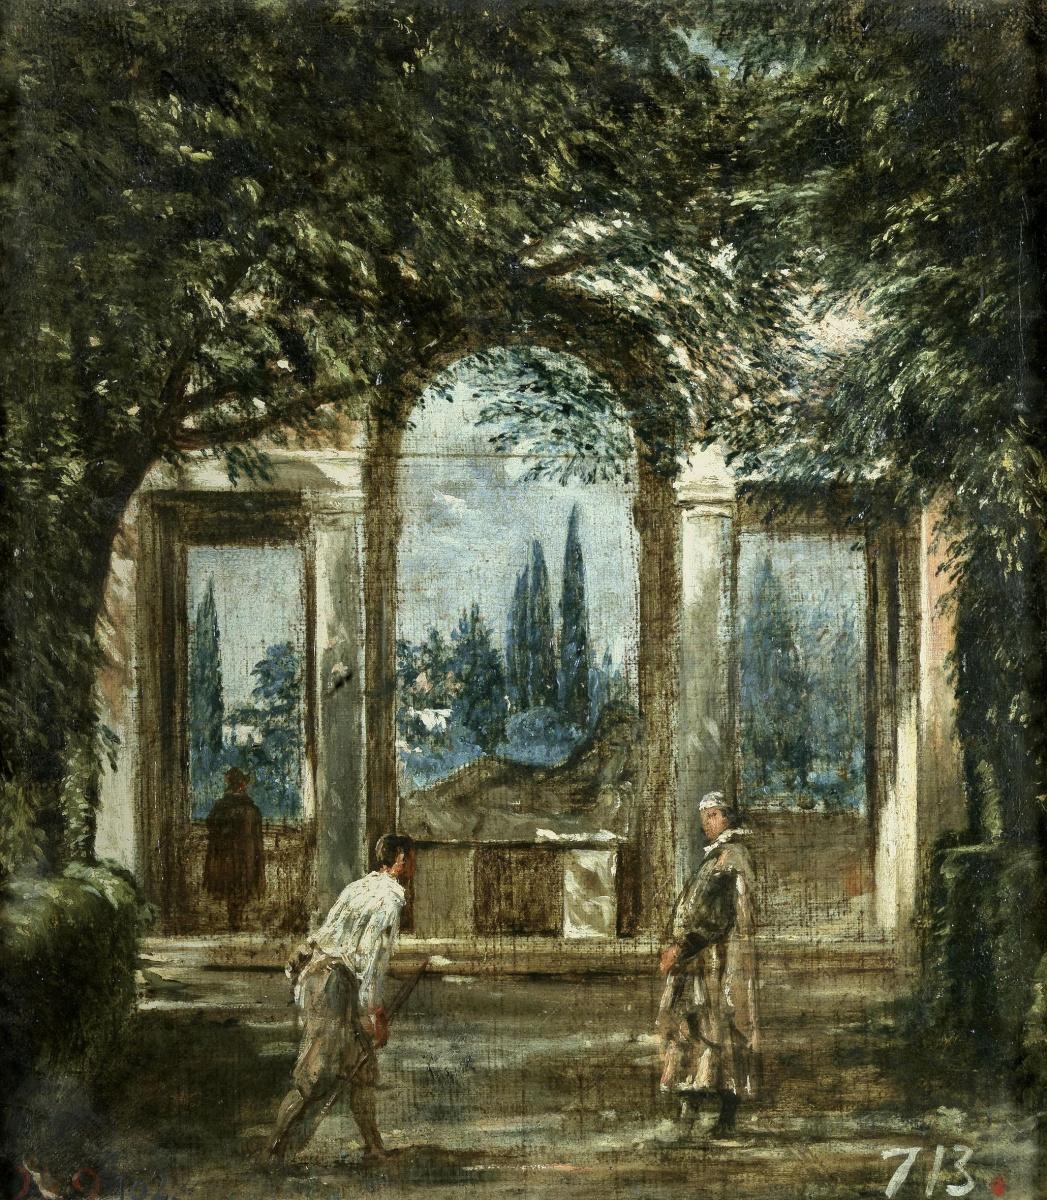 Диего Веласкес. Вилла Медичи в Риме. Полдень